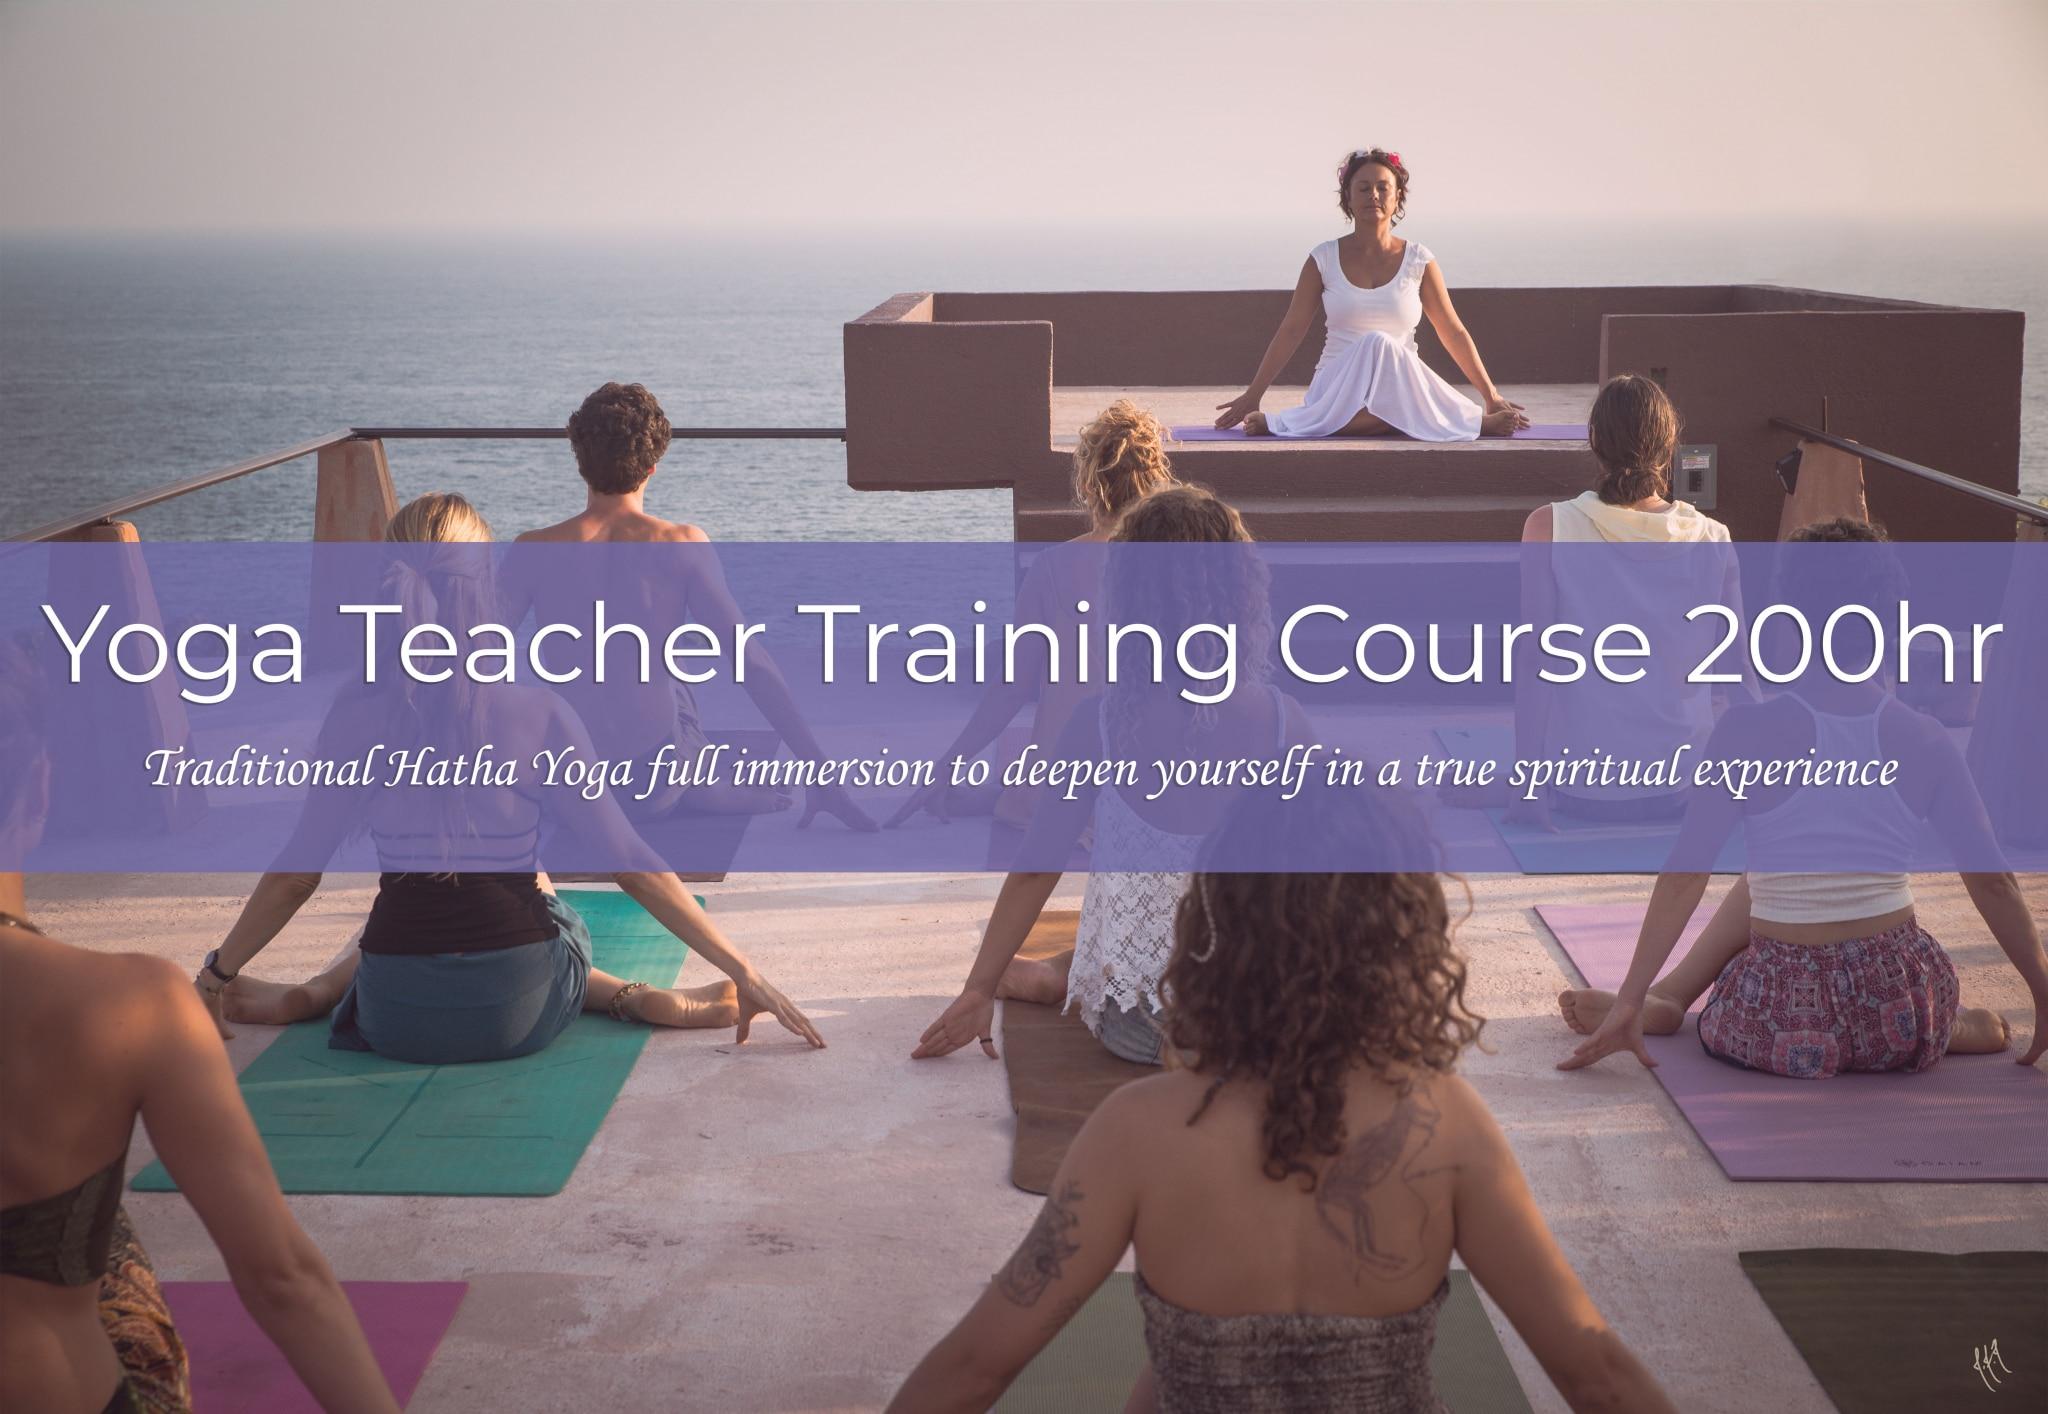 Yoga Teacher Training Course 200hr Amita giving group yoga class to yoga teachers